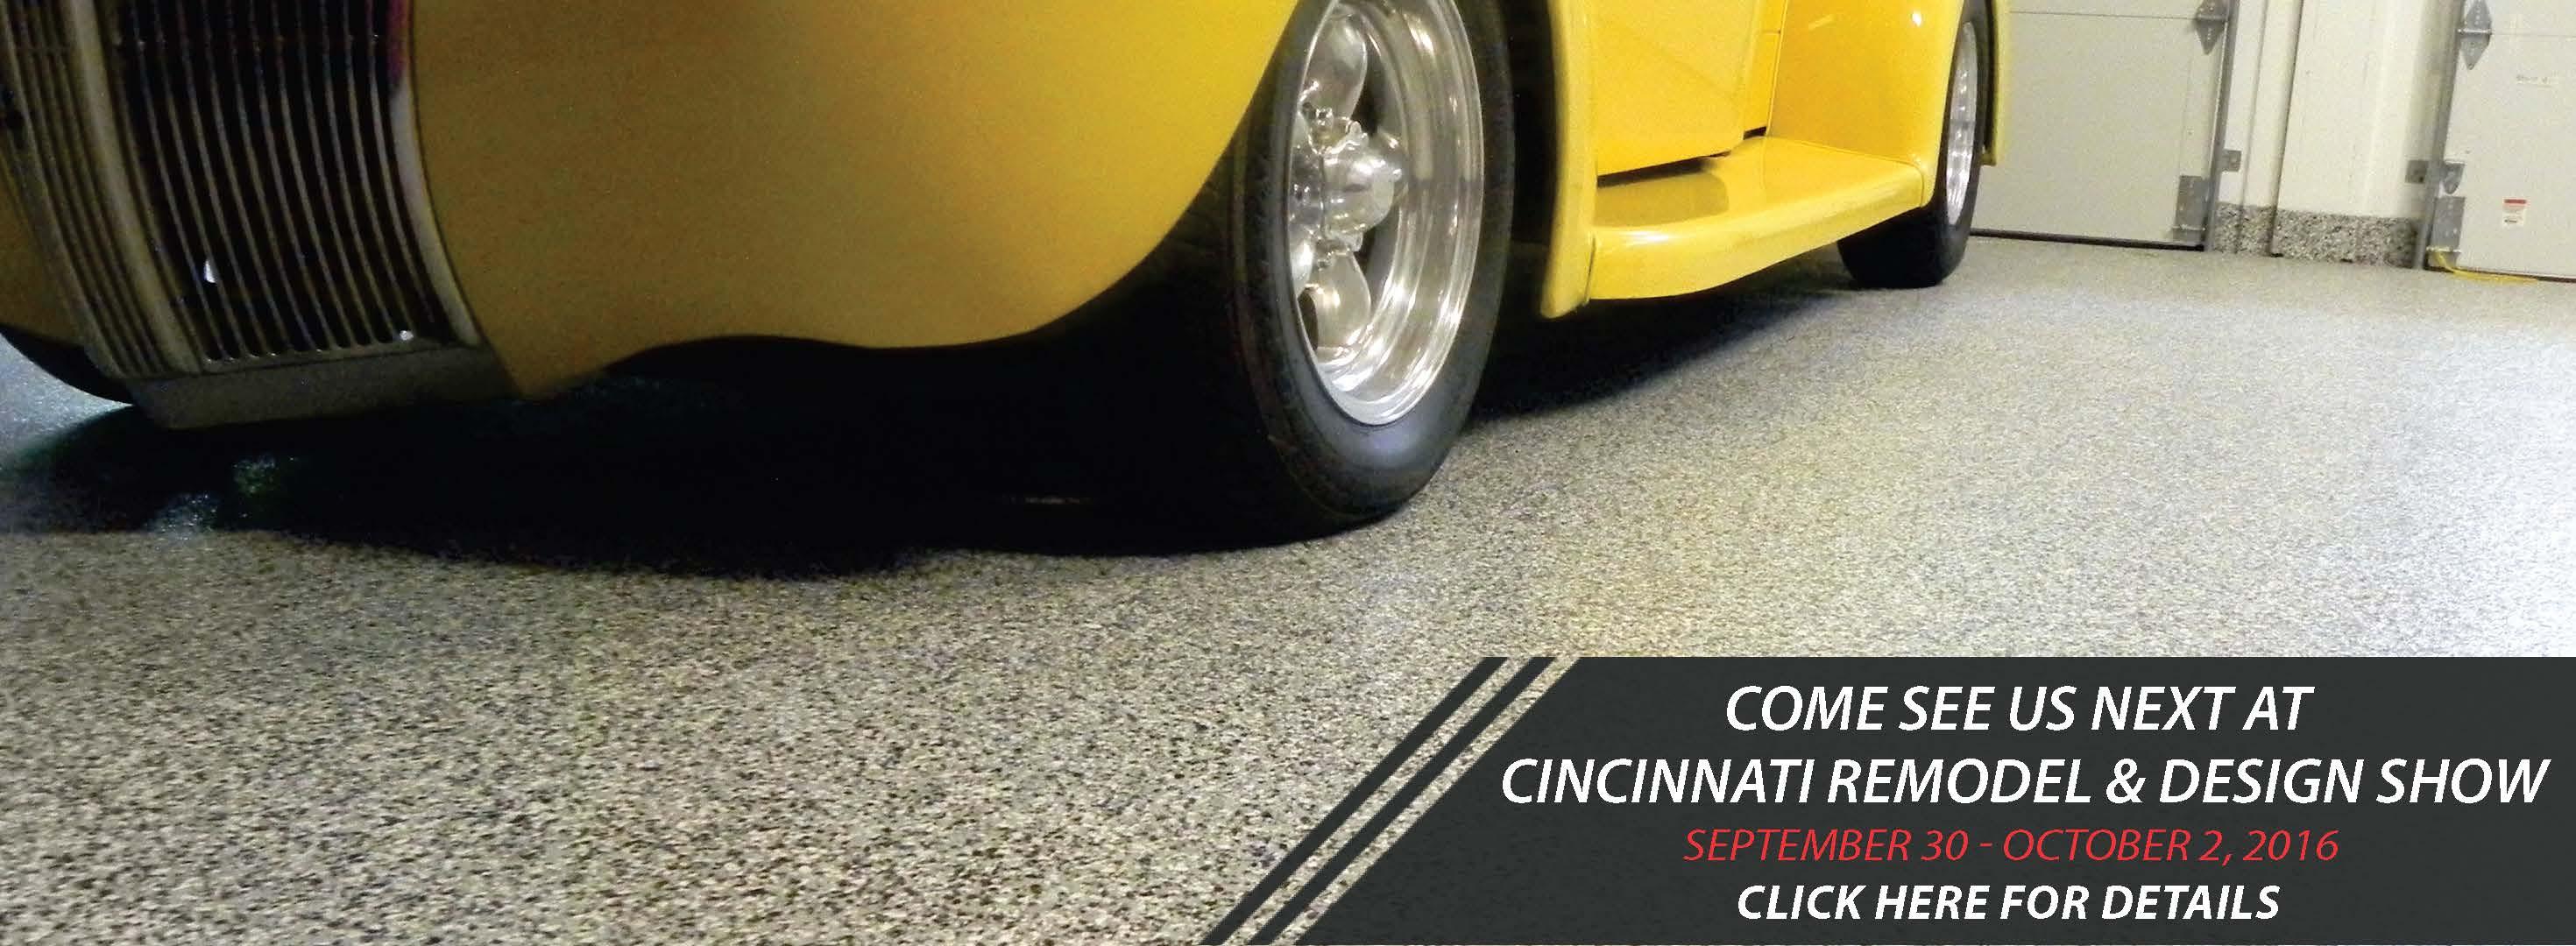 Cincinnati-Remodel-Design-Slider-1